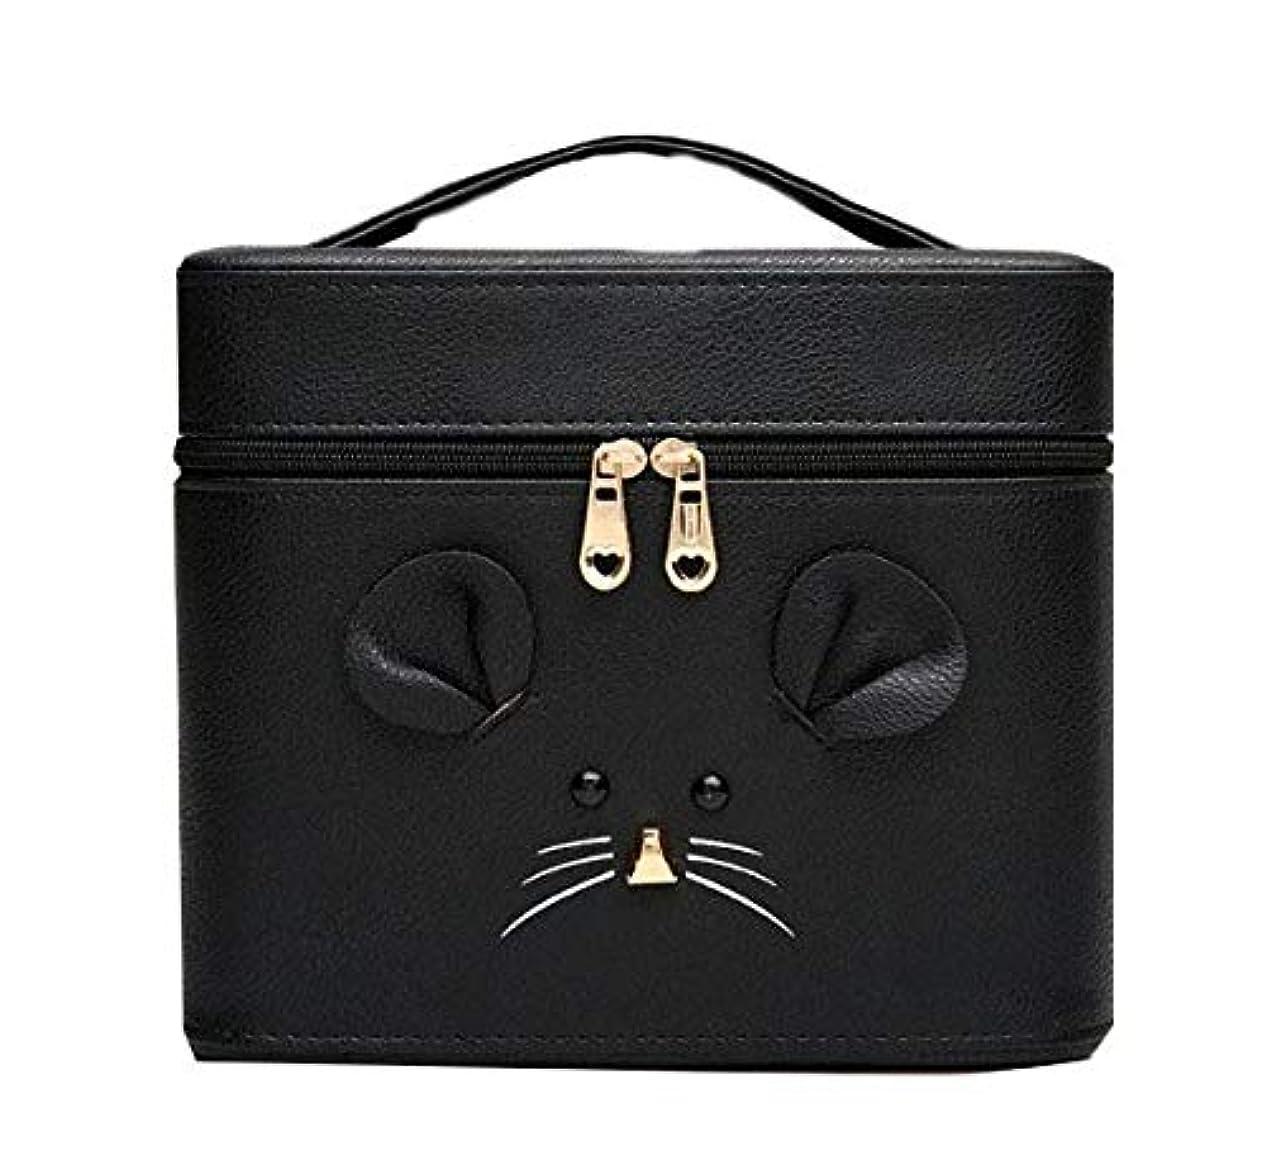 実行リンケージブース化粧箱、黒漫画のマウス化粧ケース、ポータブル旅行化粧品ケース、美容ネイルジュエリー収納ボックス (Size : S)